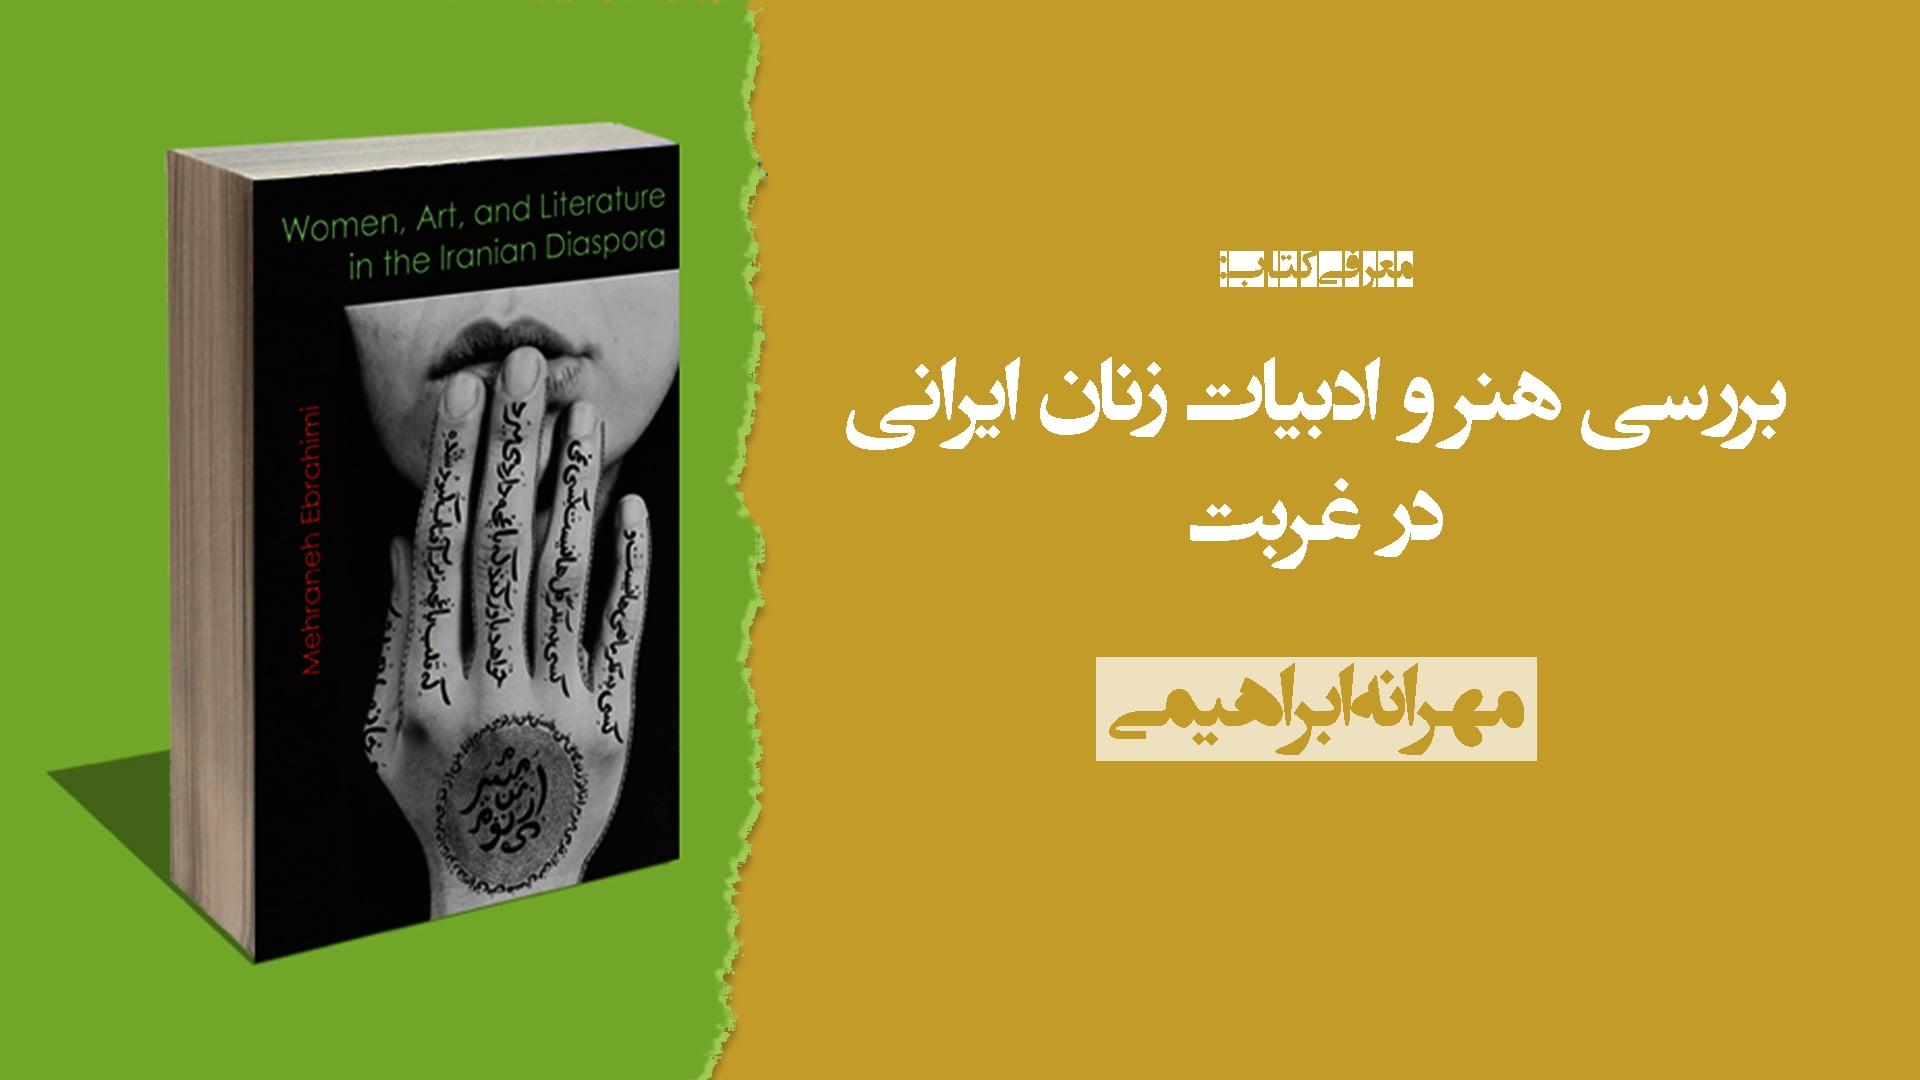 ویژگیهای هنر و ادبیات زنان ایرانی در غربت